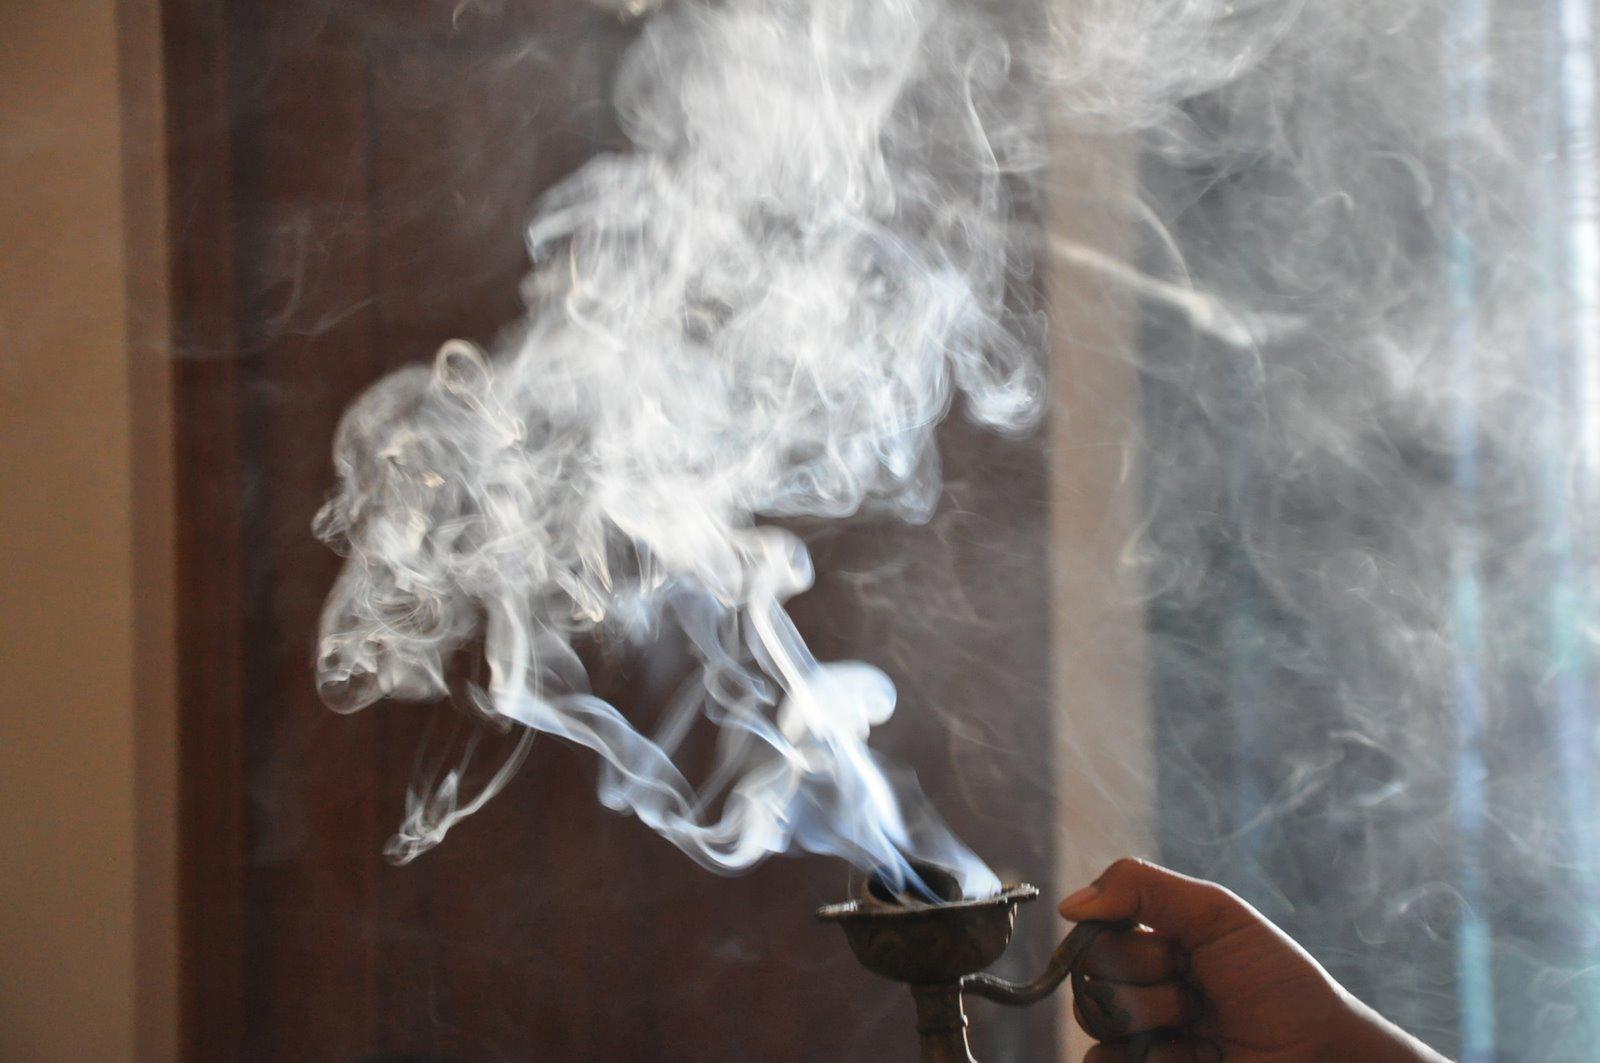 Как сделать так чтобы не воняло дымом